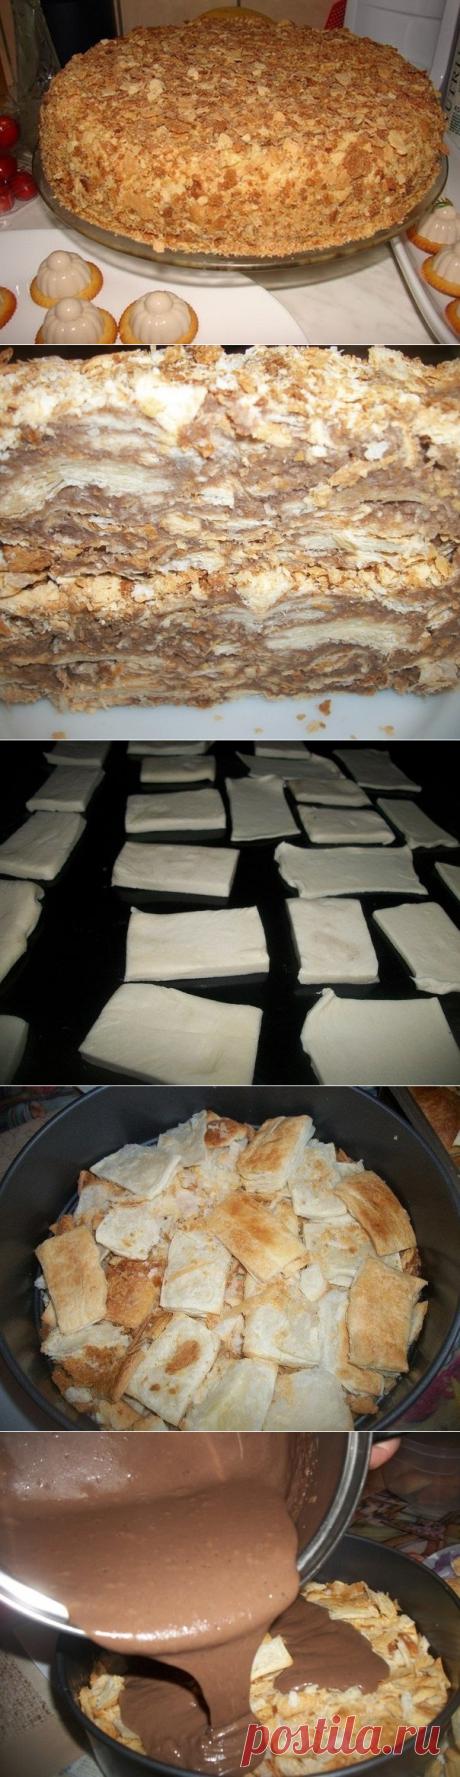 Как приготовить оригинальный торт наполеон (за пол часа) - рецепт, ингридиенты и фотографии